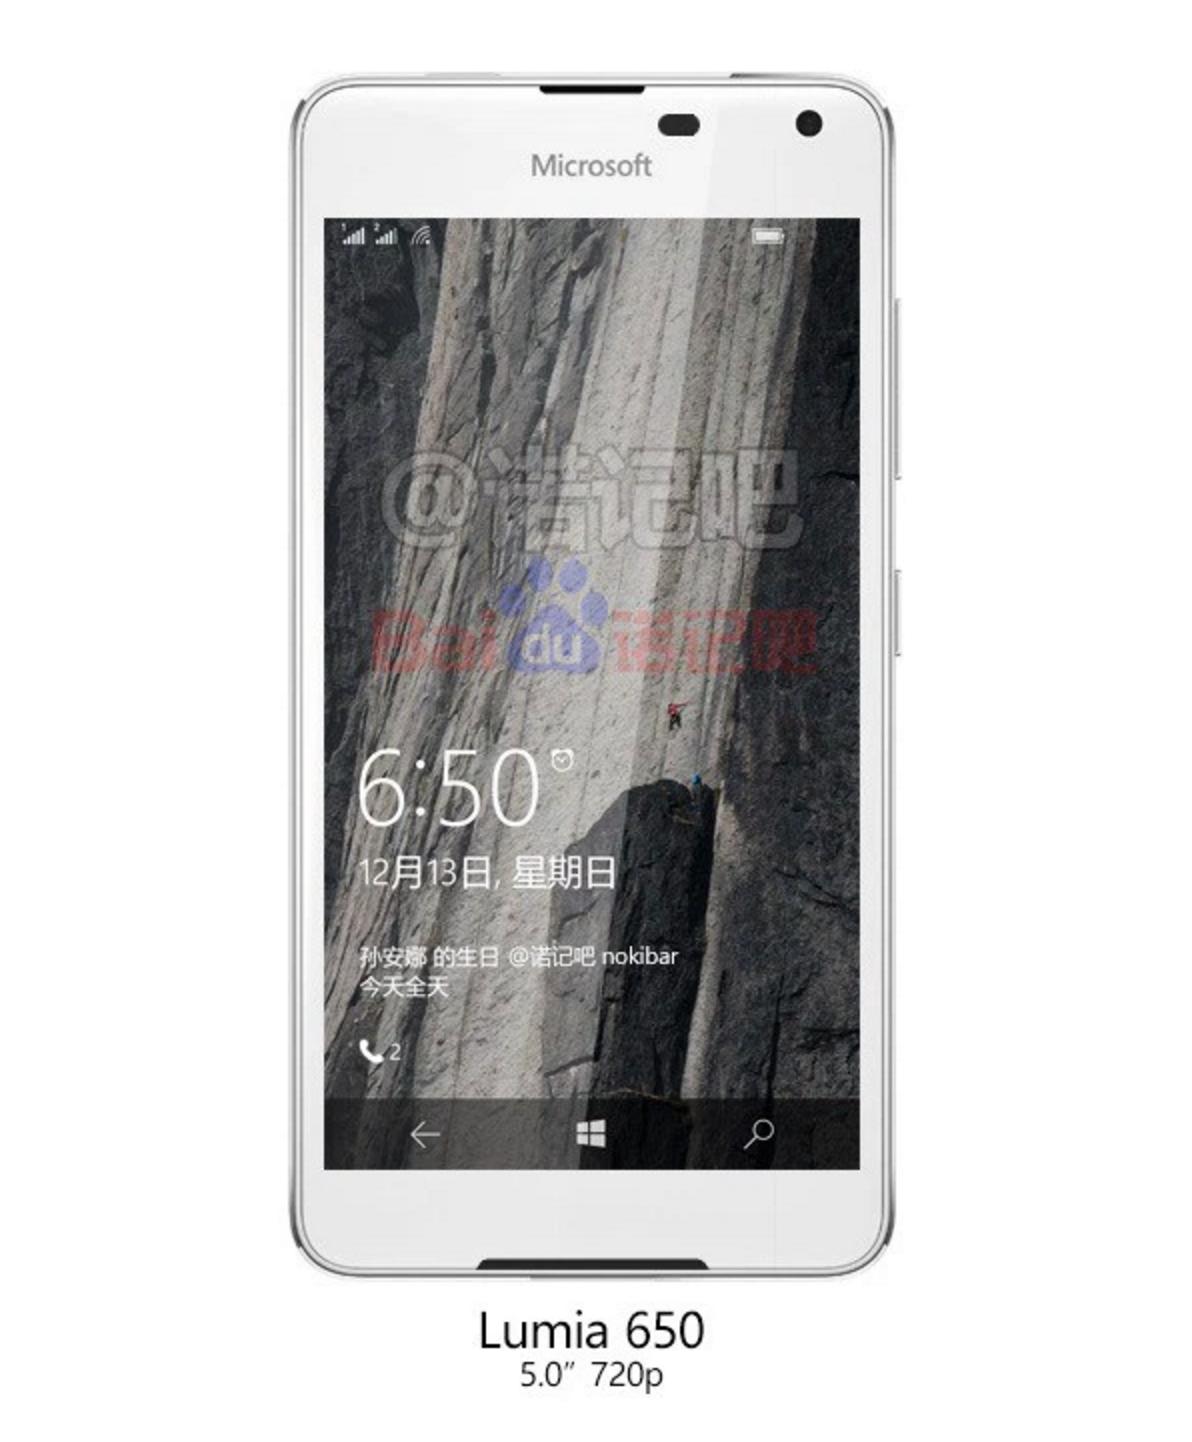 Slik ser det opprinnelige, lekkede bildet av det som hevdes å være Lumia 650 ut.